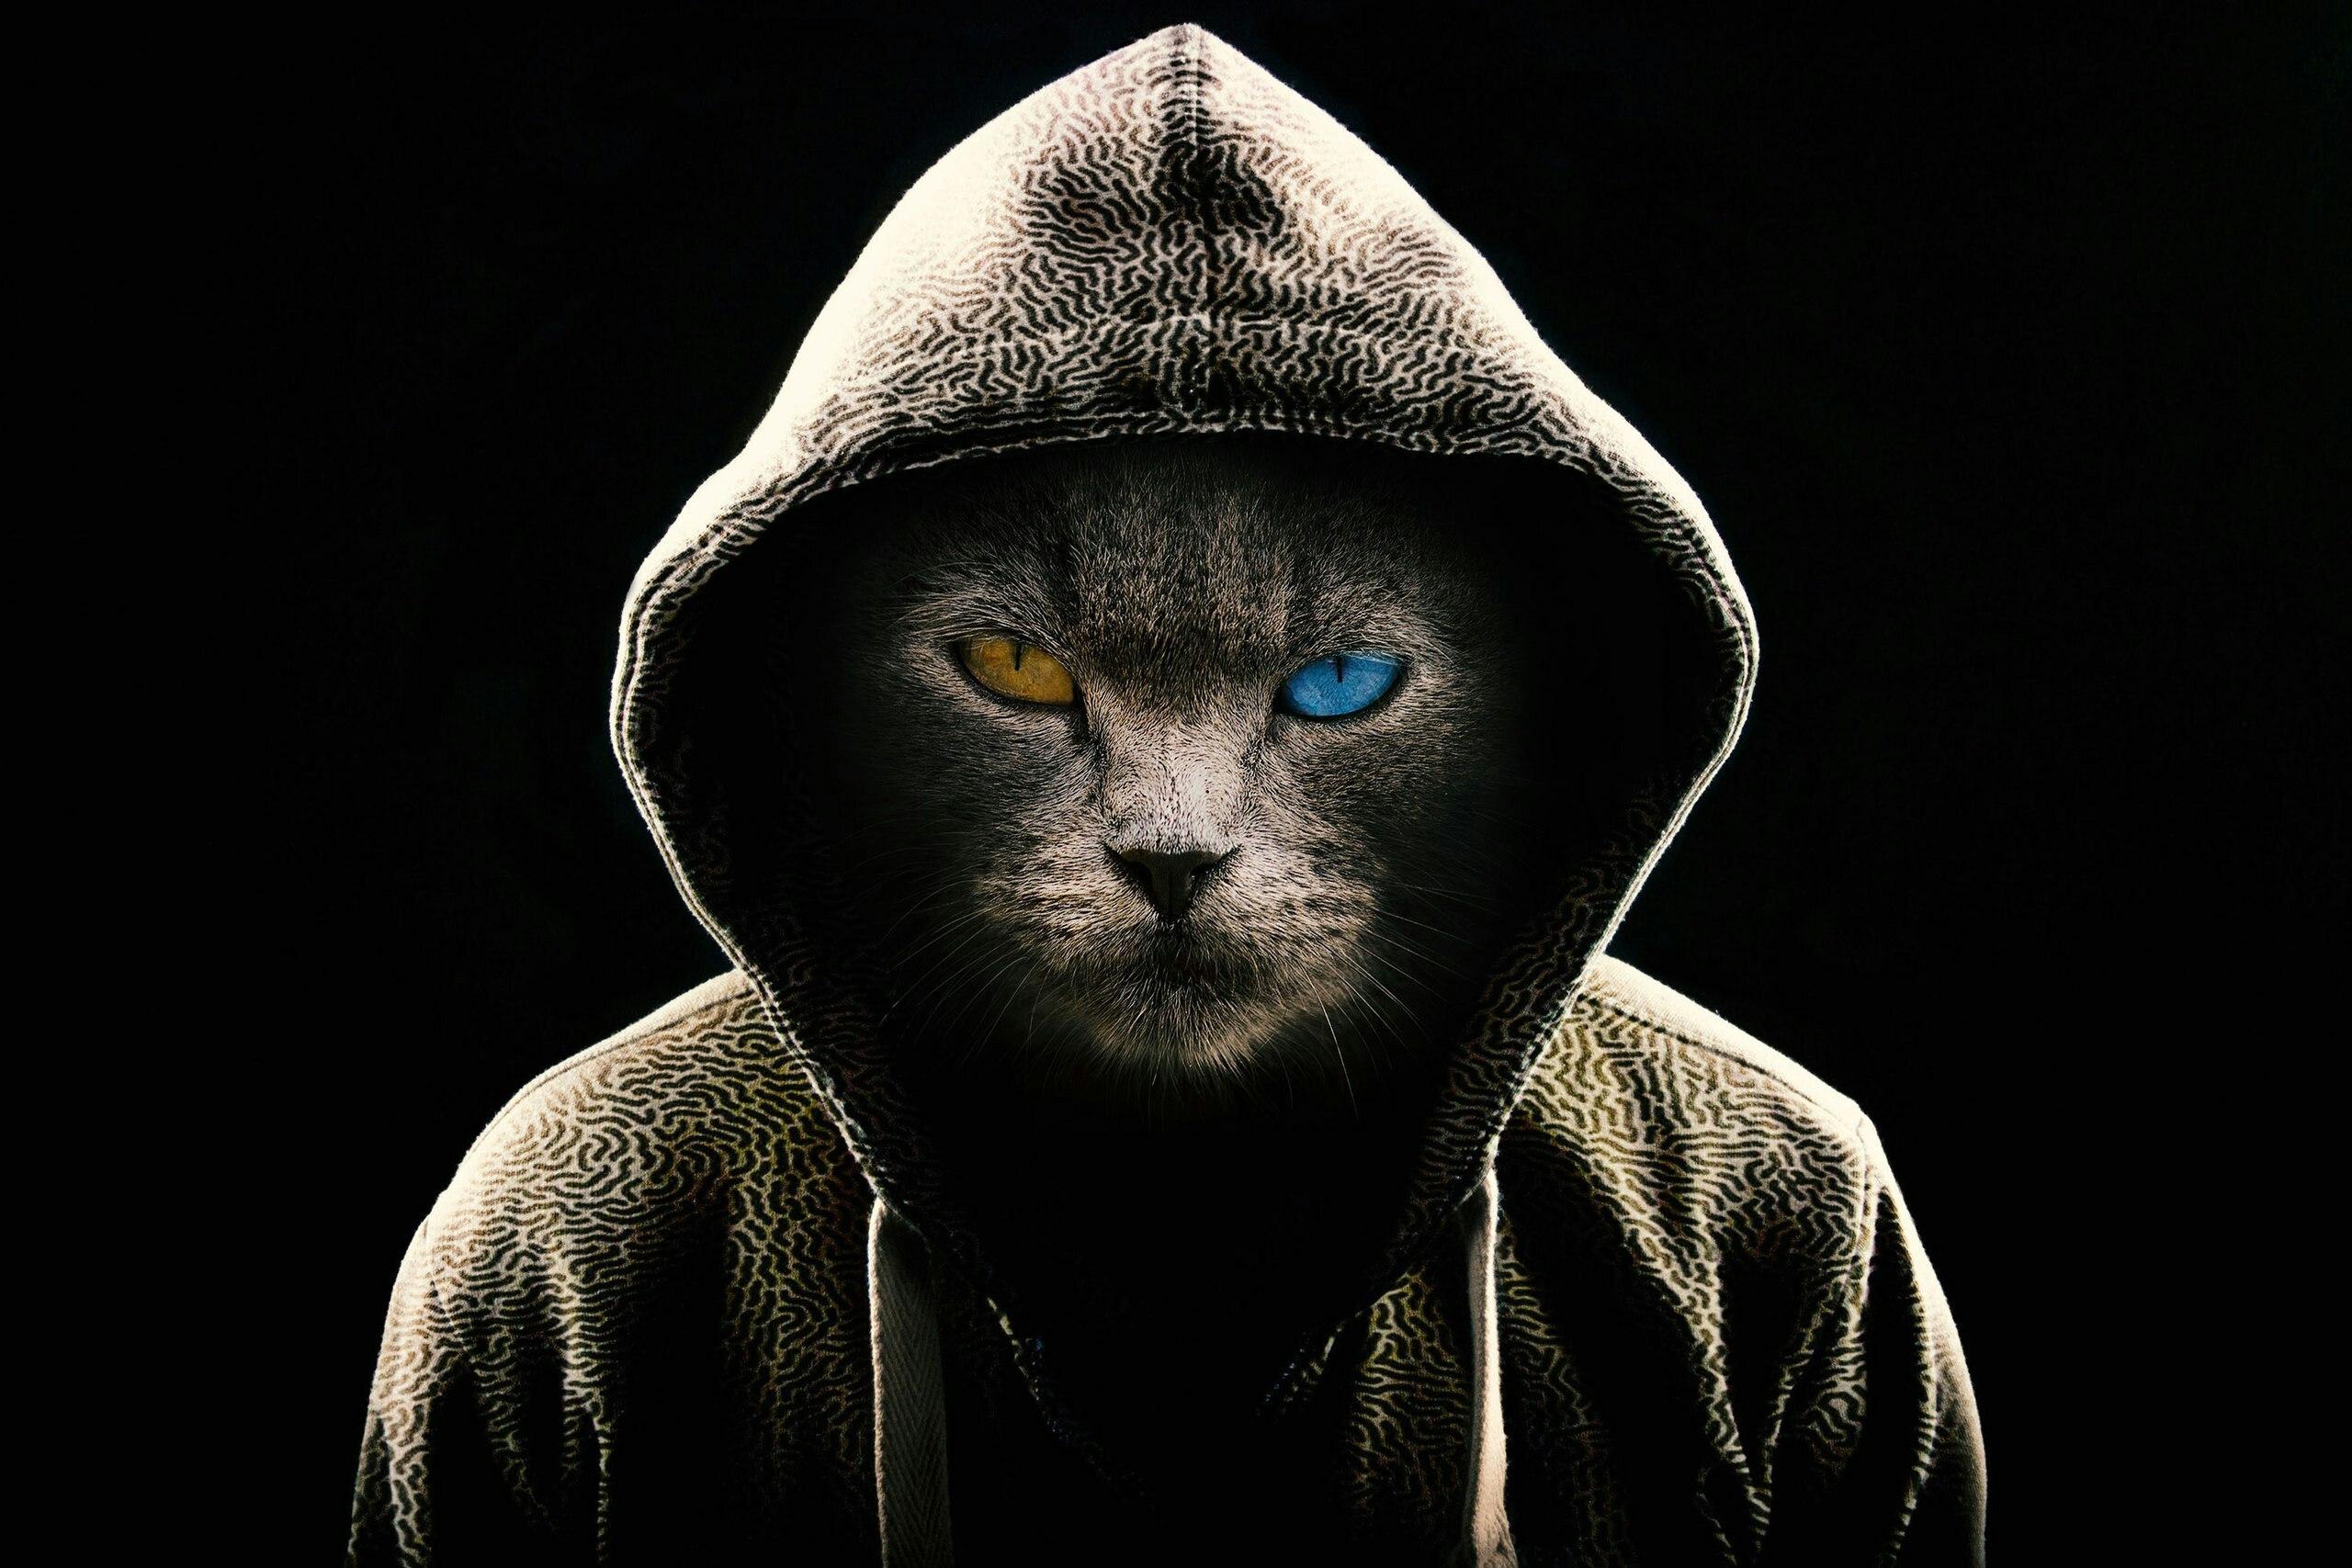 Картинка: Кот, капюшон, разные глаза, морда, чёрный фон